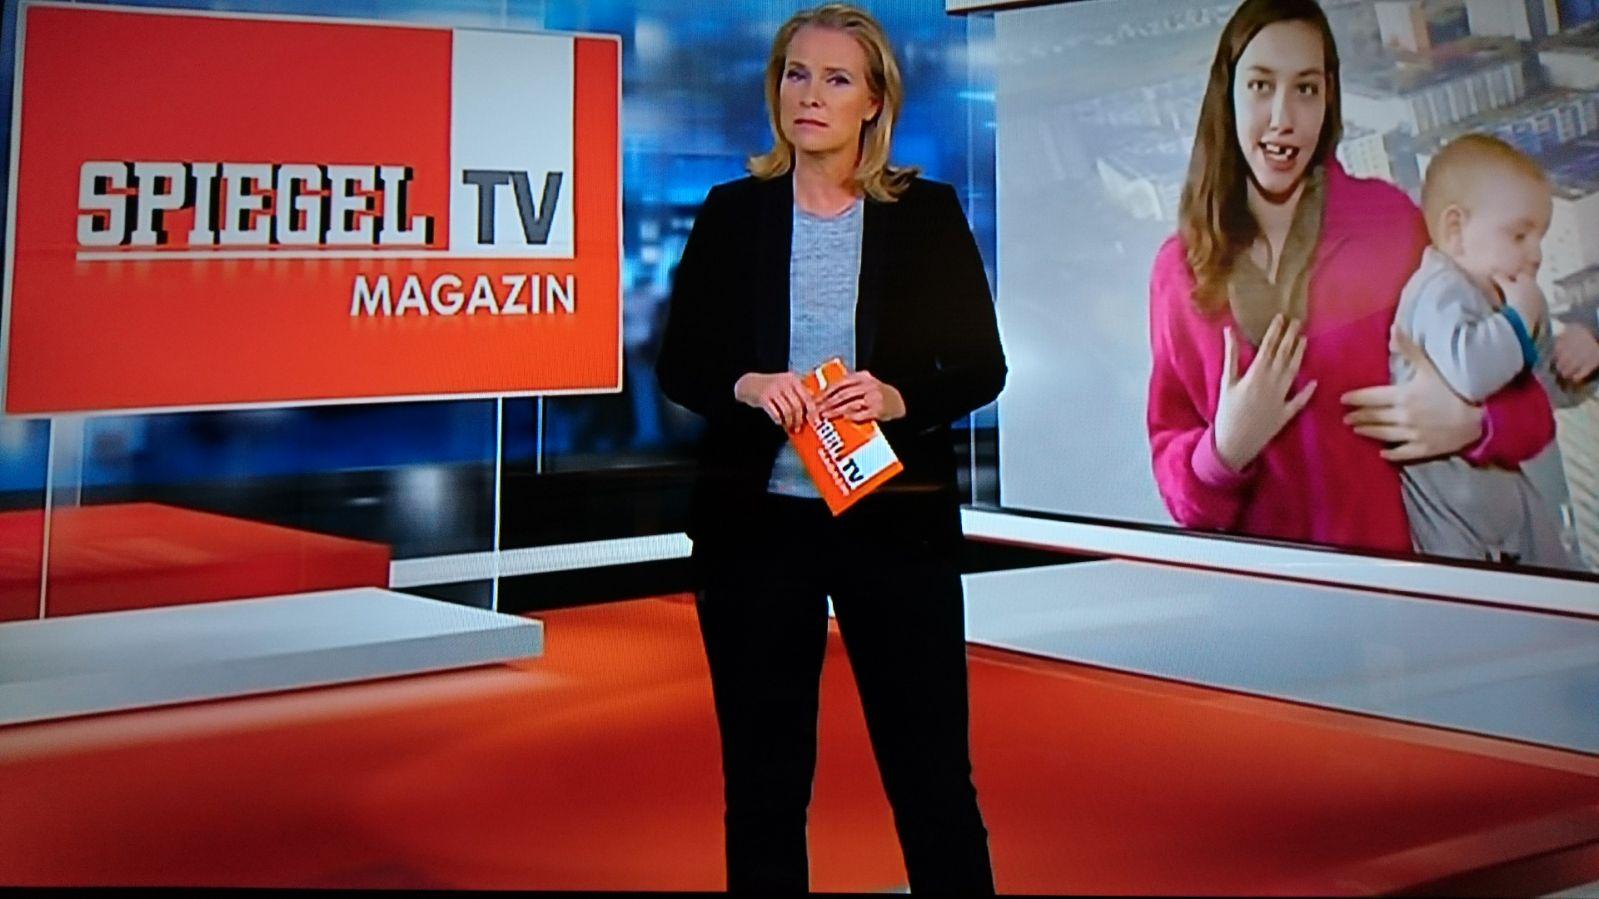 Abstieg ost spiegel tv mit fernsehbeitrag ber halle for Spiegel tv rtl mediathek